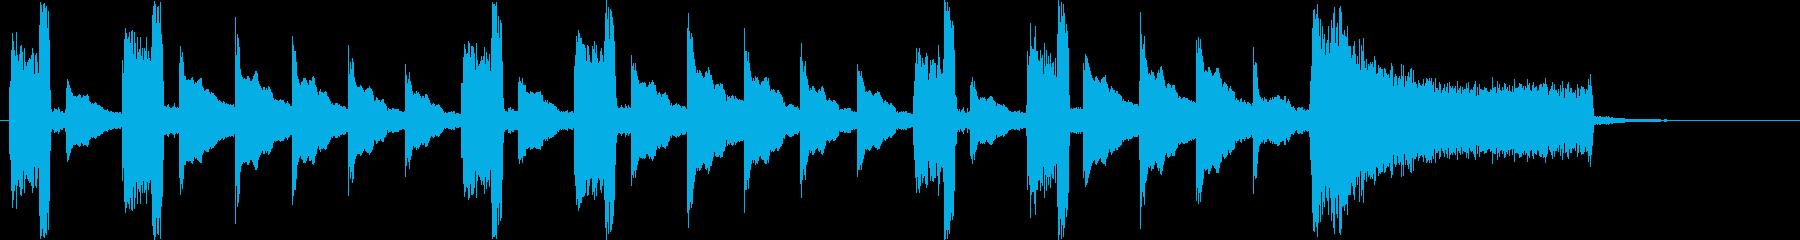 リズムアクセントのあるシンセサイザー音の再生済みの波形